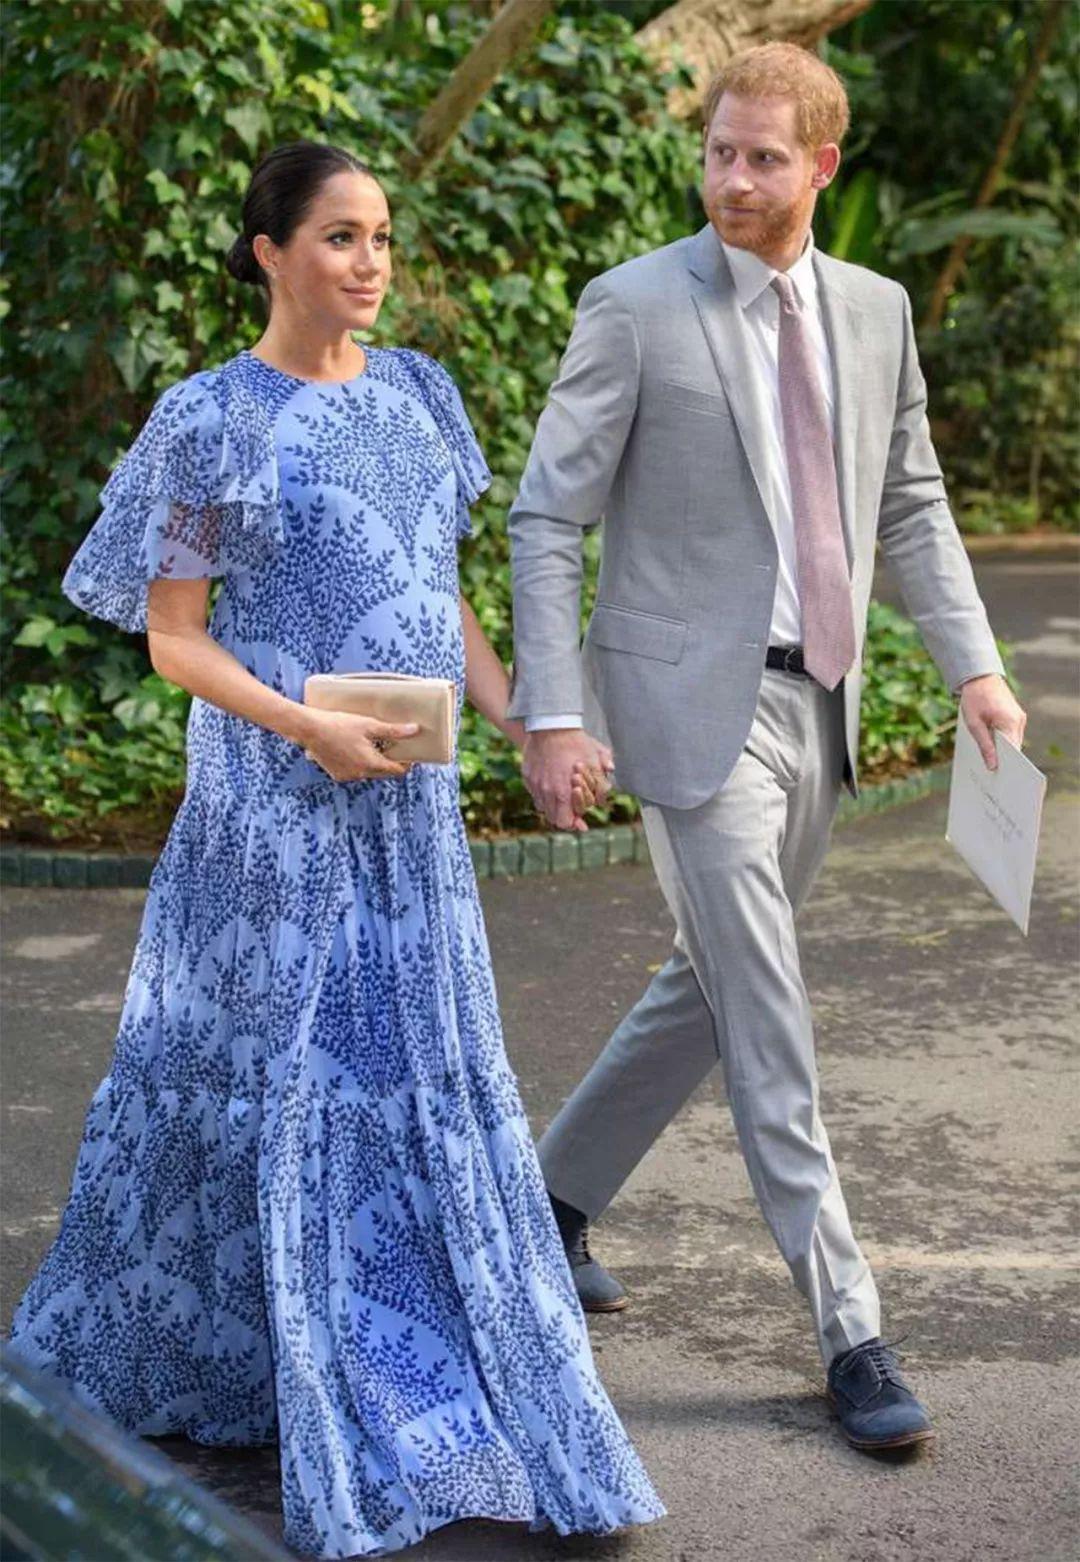 38岁梅根成王室问题人物,但哈里全力支持妻子,齐心为生宝宝准备